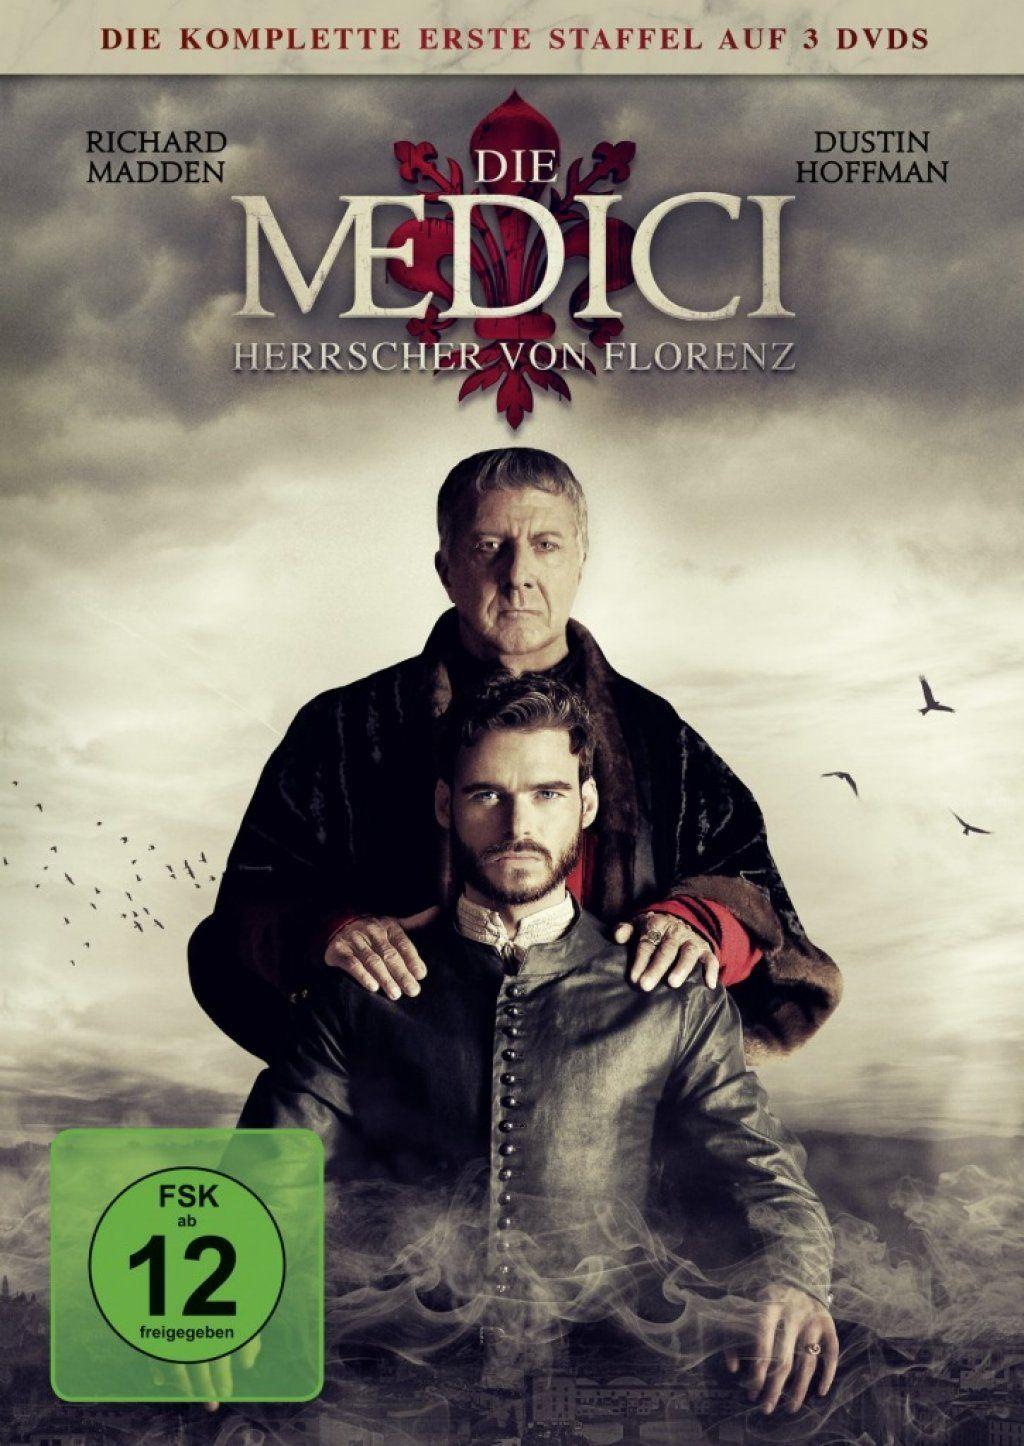 Medici, Die - Herrscher von Florenz - Staffel 1 (3 Discs)